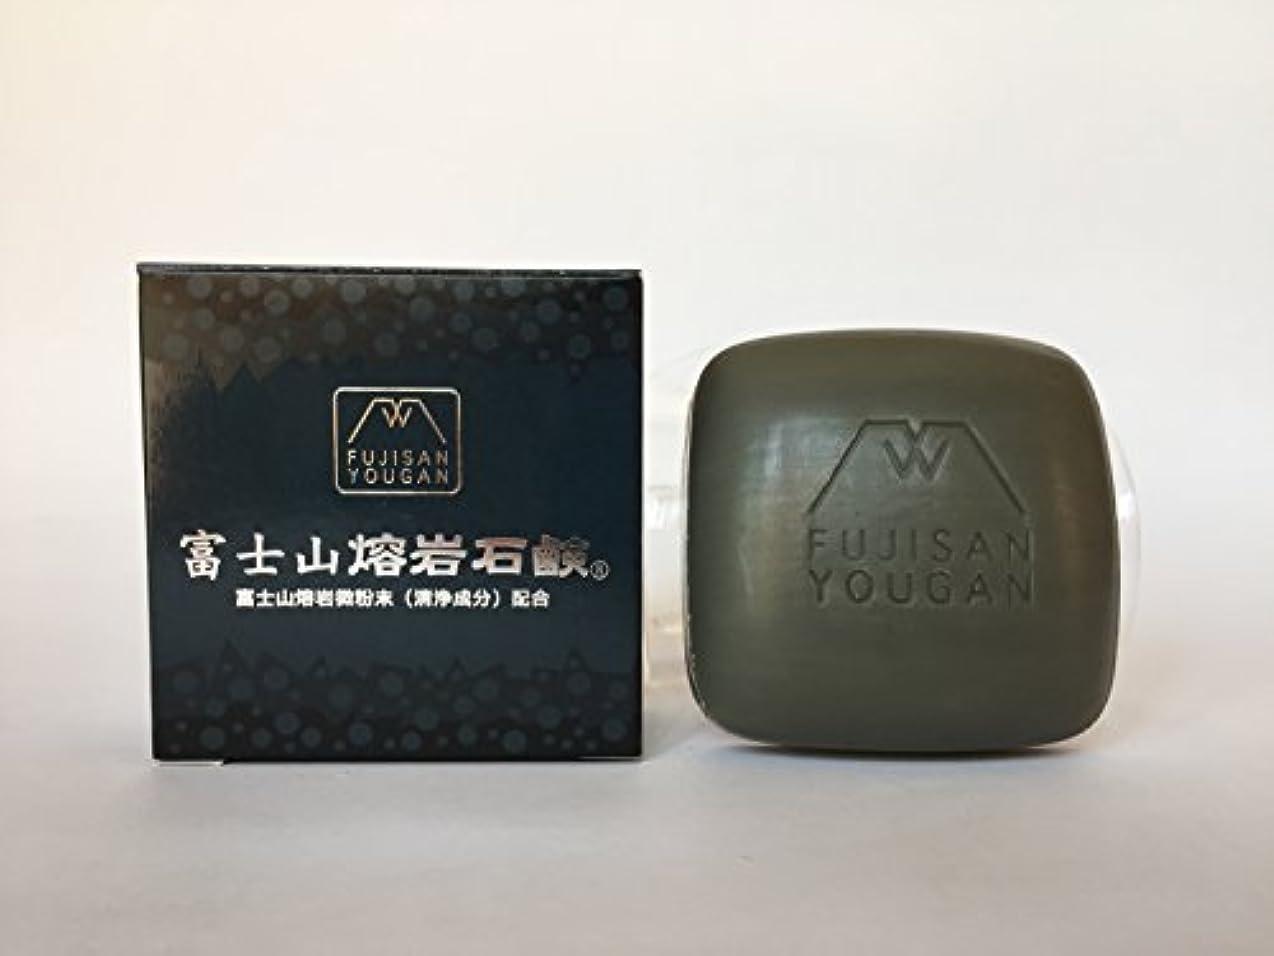 コードレス劣る流産富士山溶岩石鹸 100g/個×2個セット